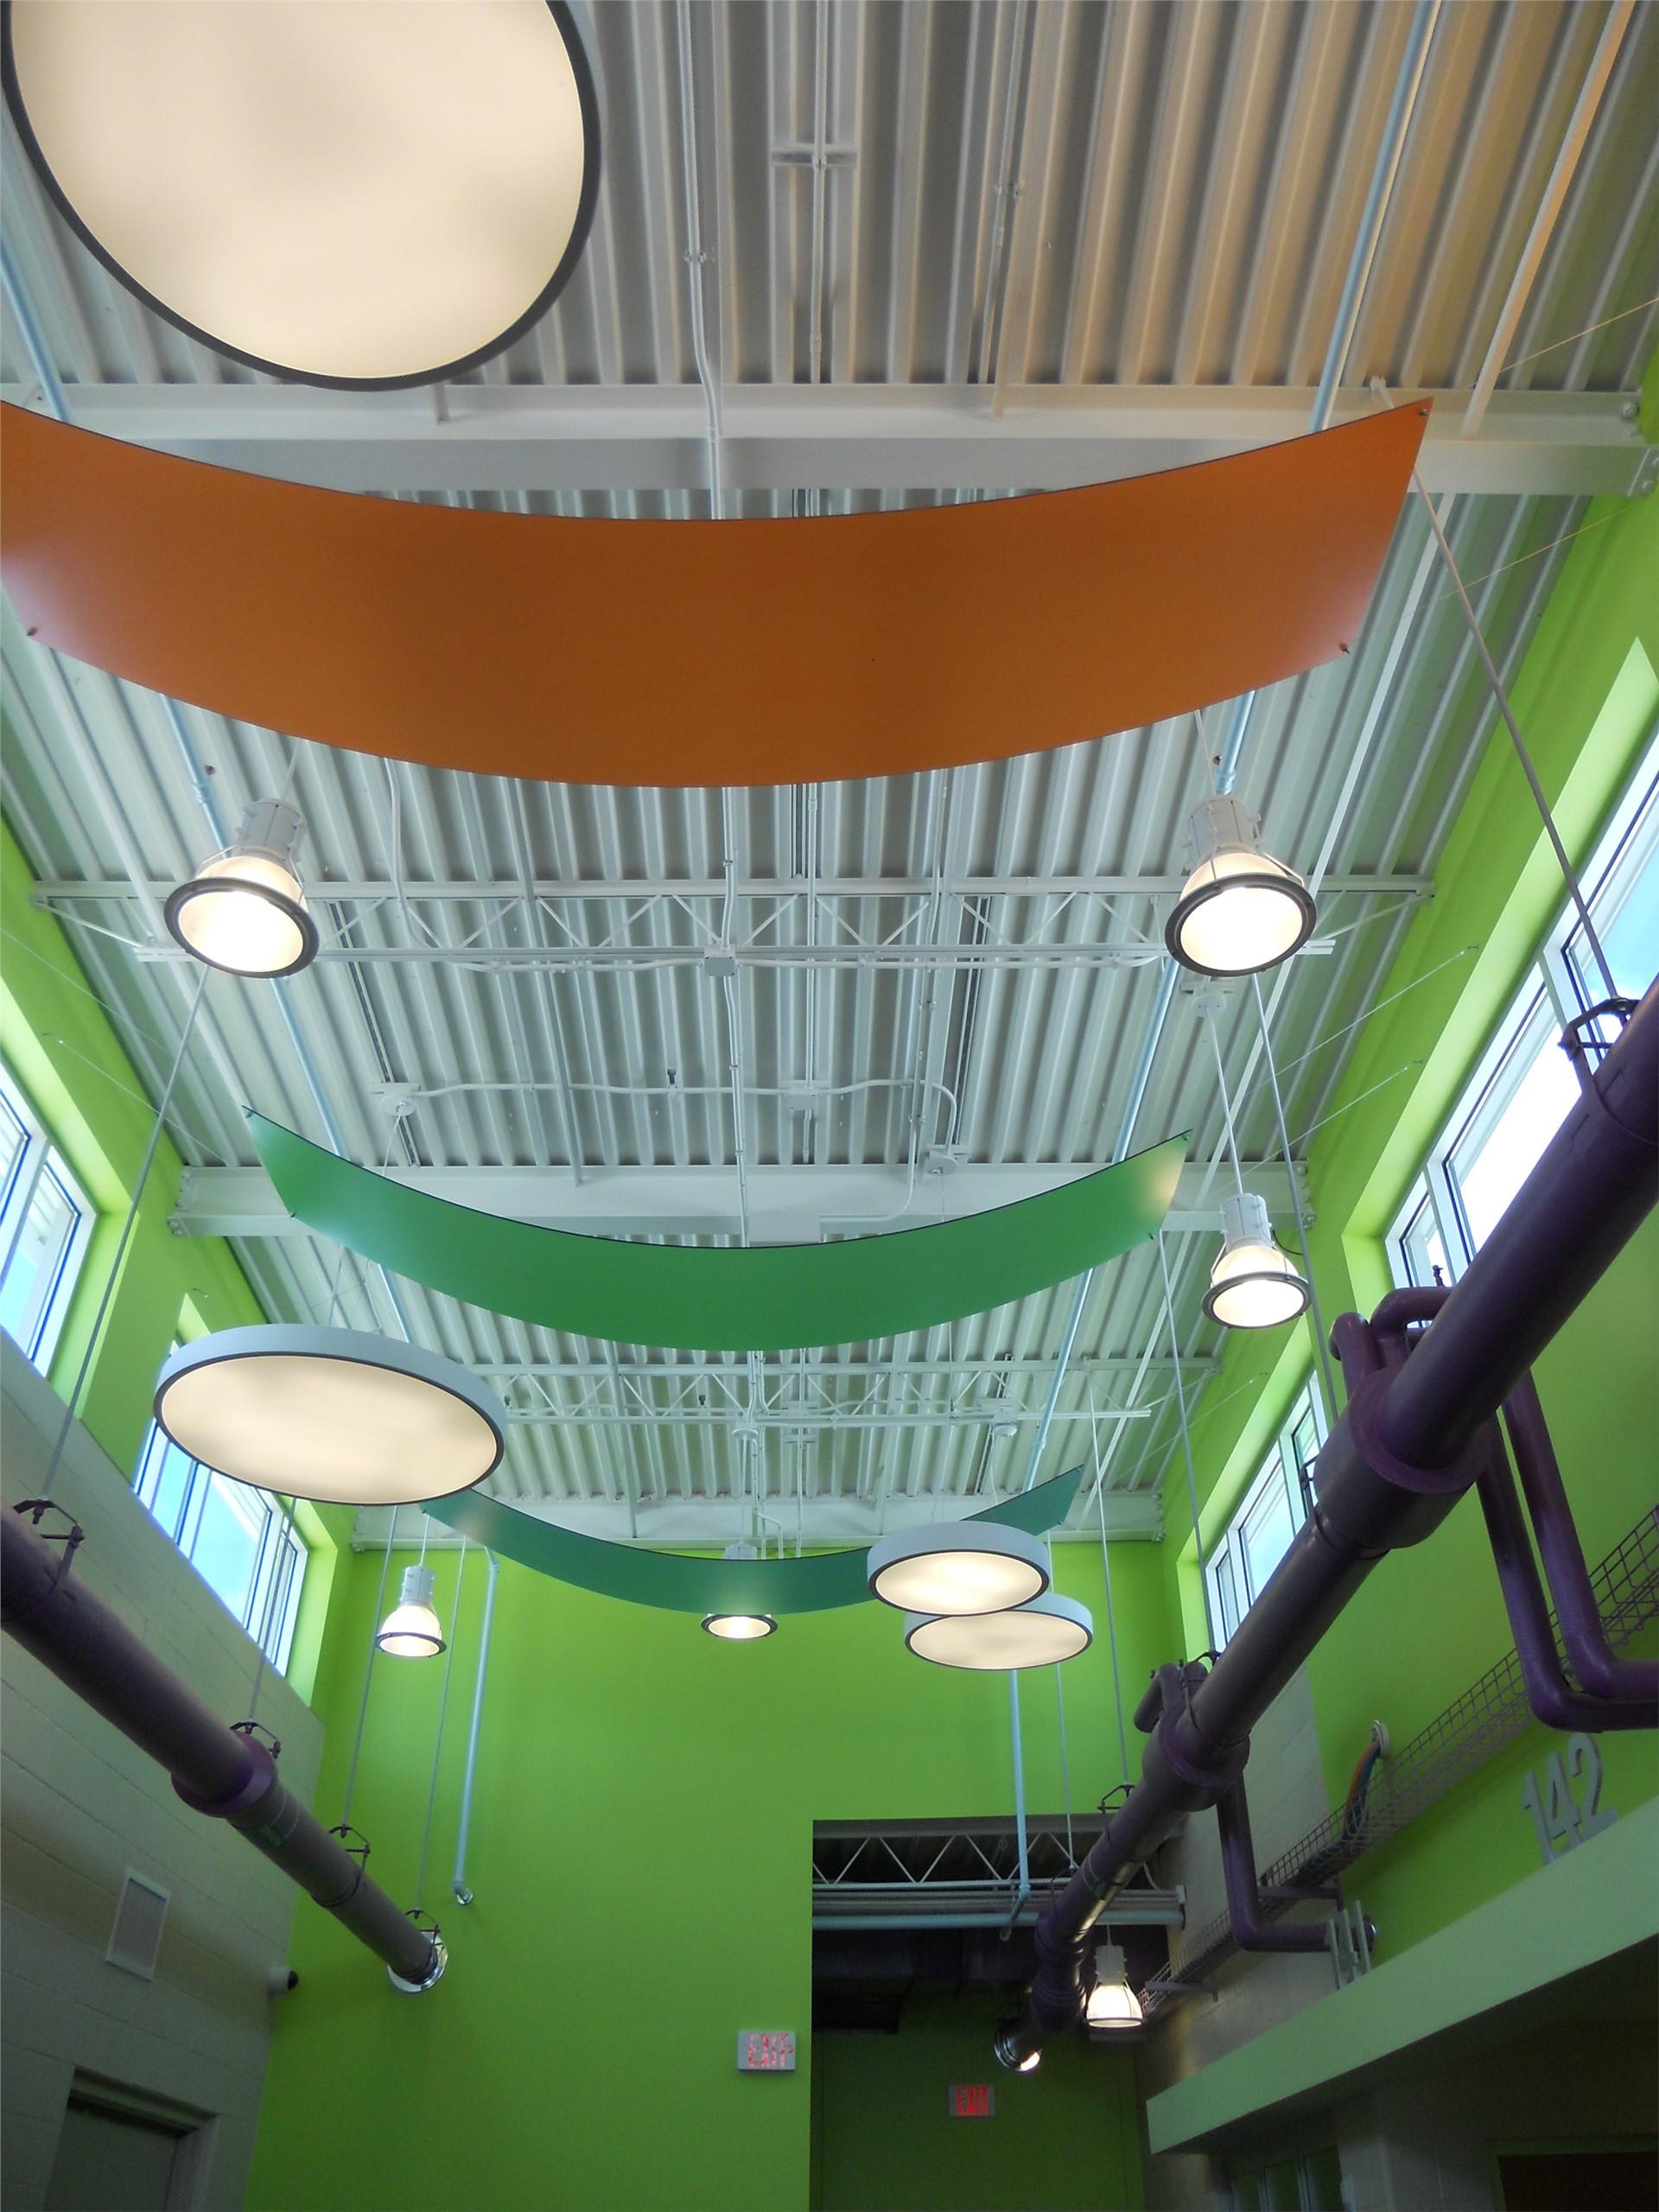 photo of ceiling design structure in kindergarten hallway.